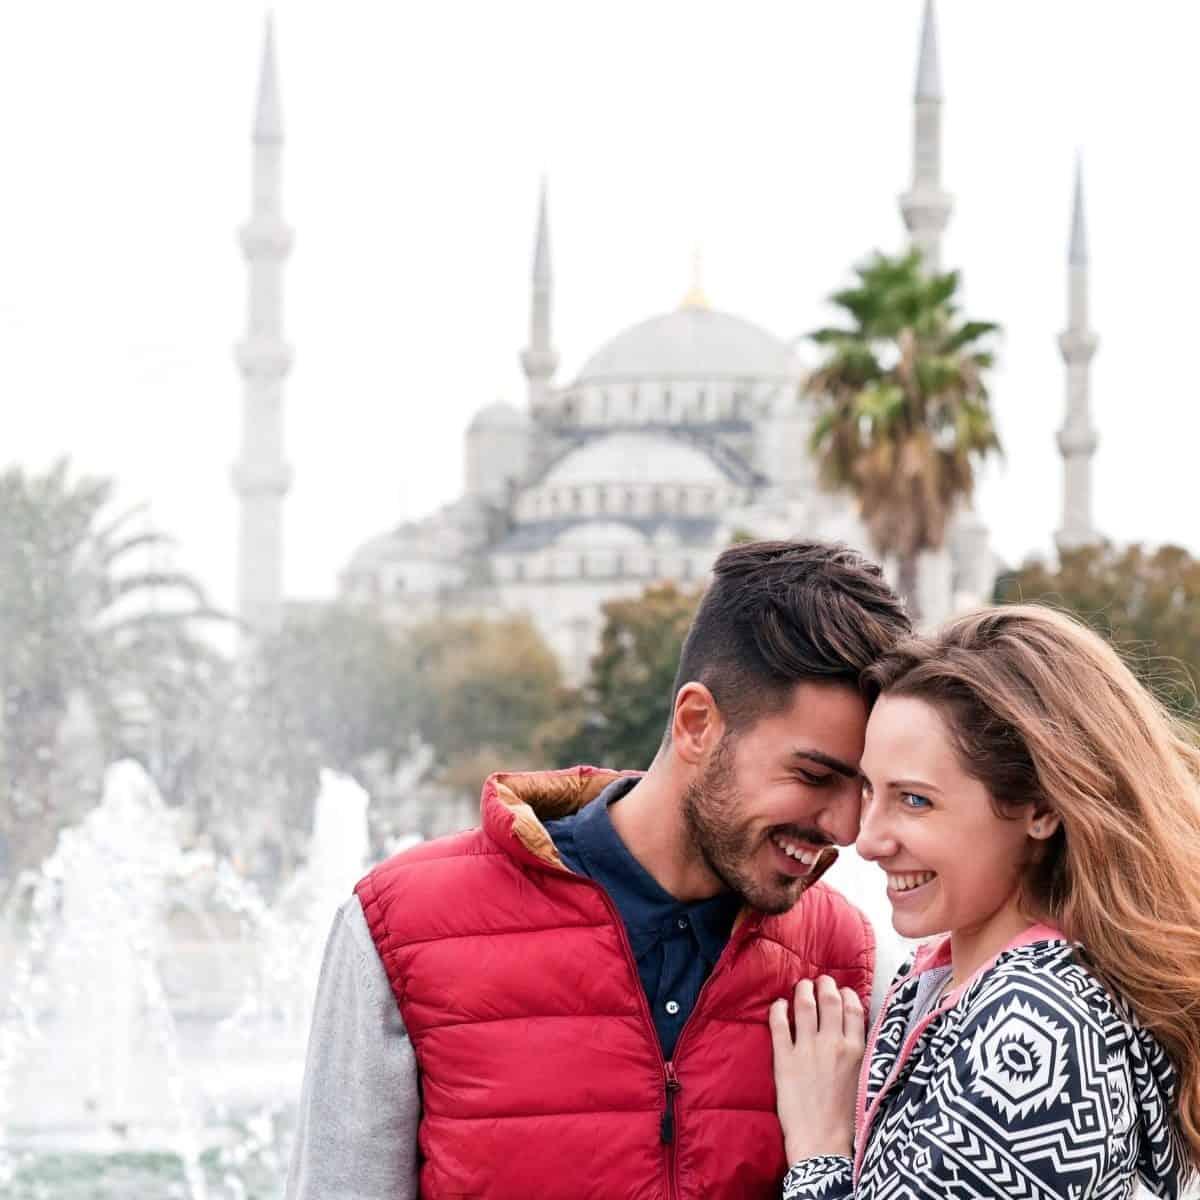 Pareja En Turquia Planesturisticos.com - Turquía Y Dubai 15 Días 13 Noches | Vuelos Desde Bogotá | Hasta Octubre 2021